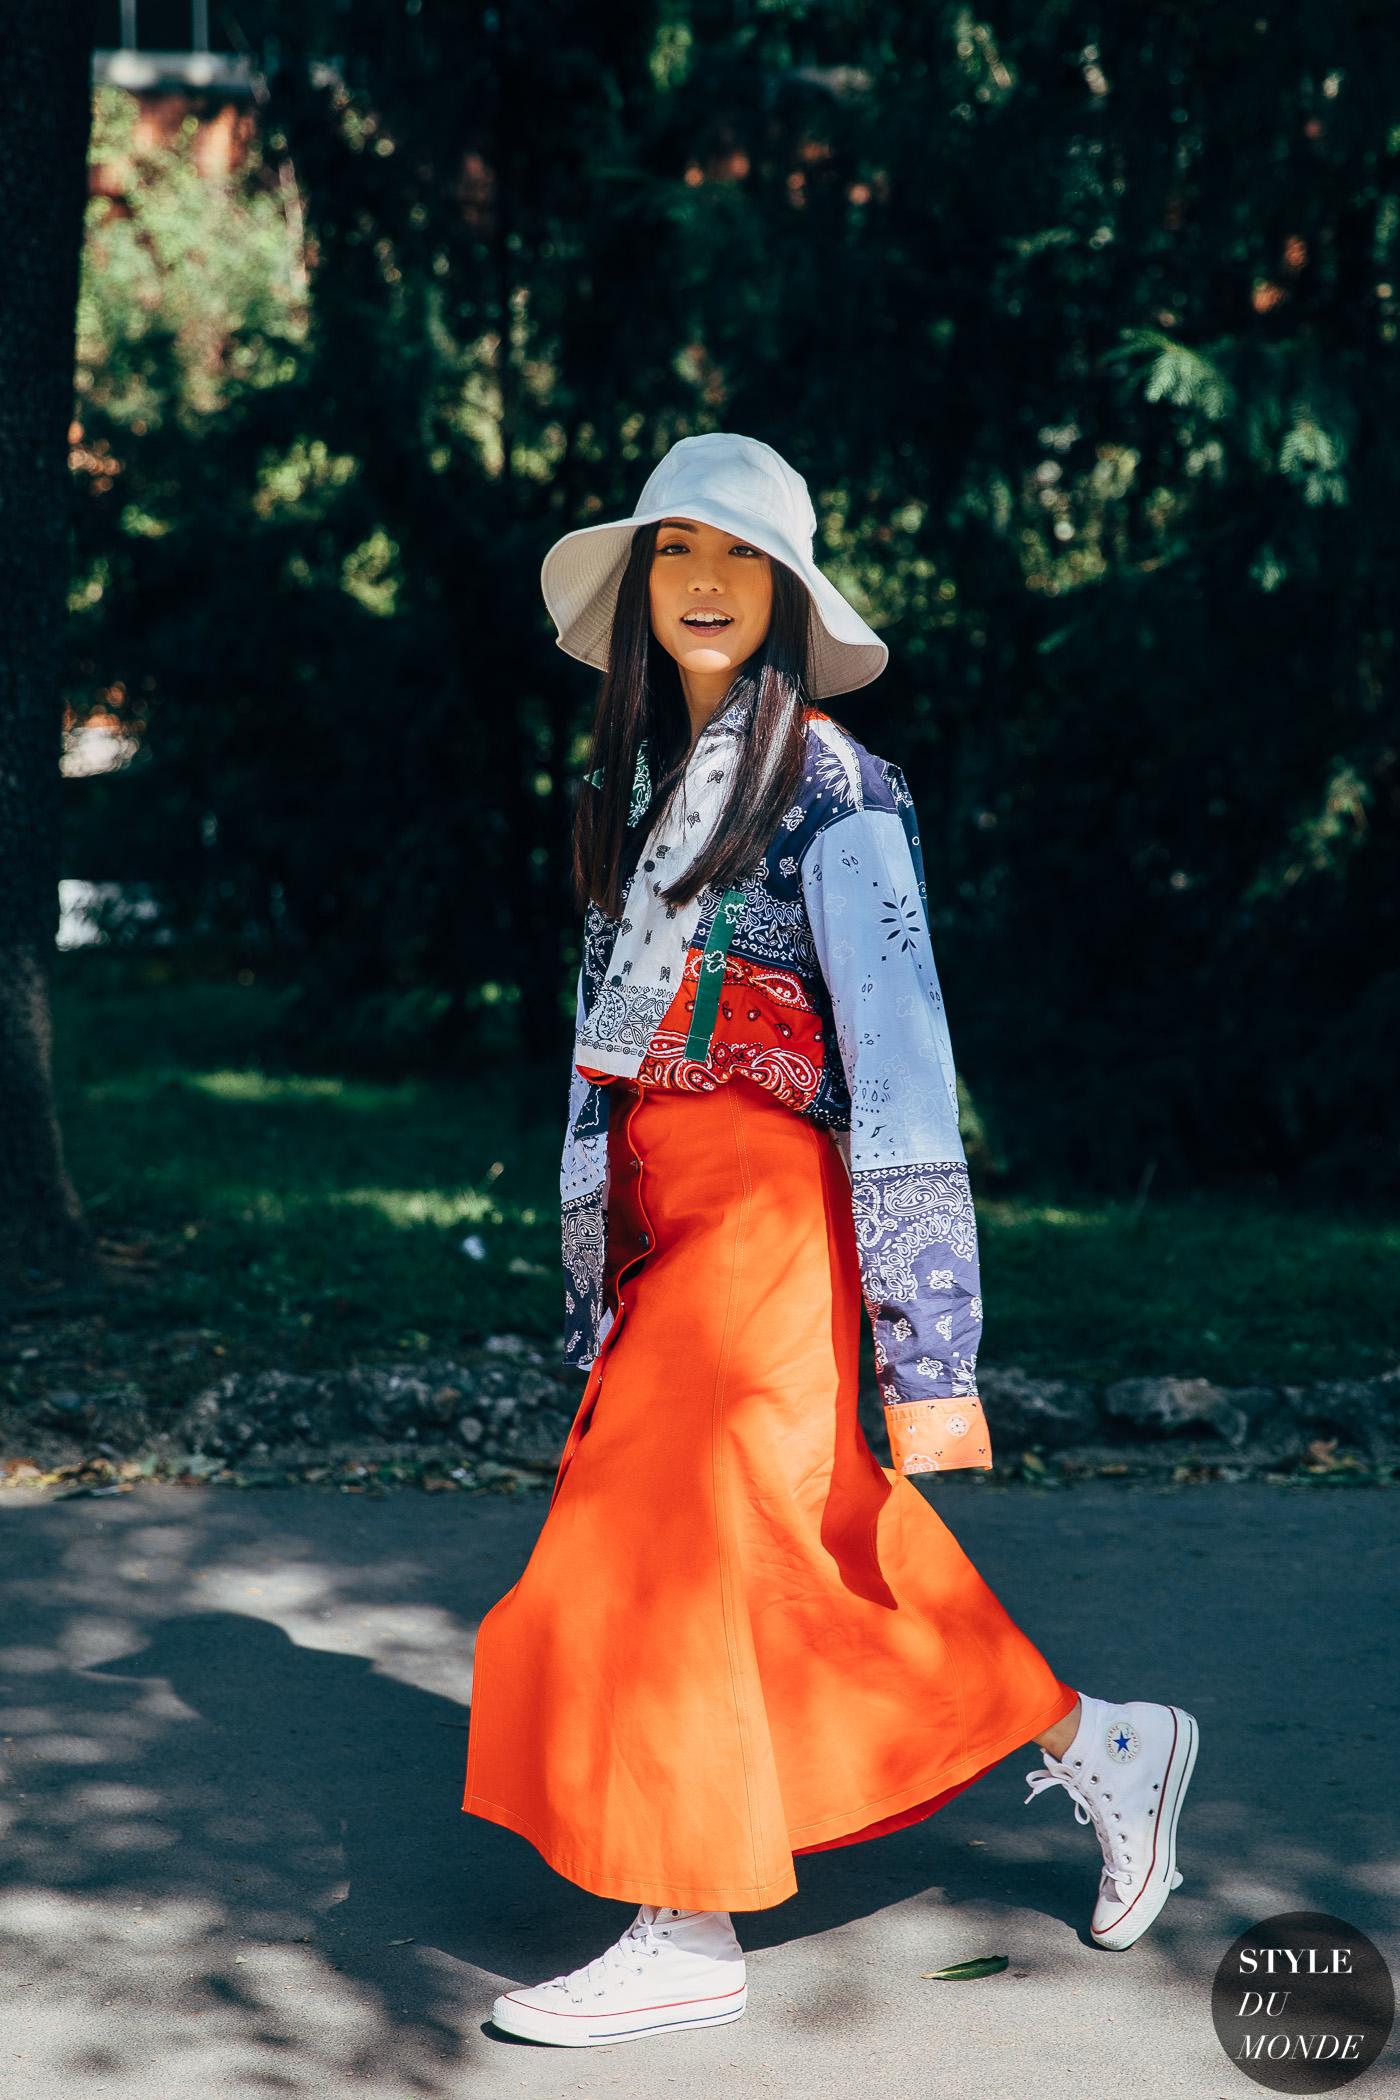 Phối màu quần áo mùa hè tươi tắn với cam và xanh dương